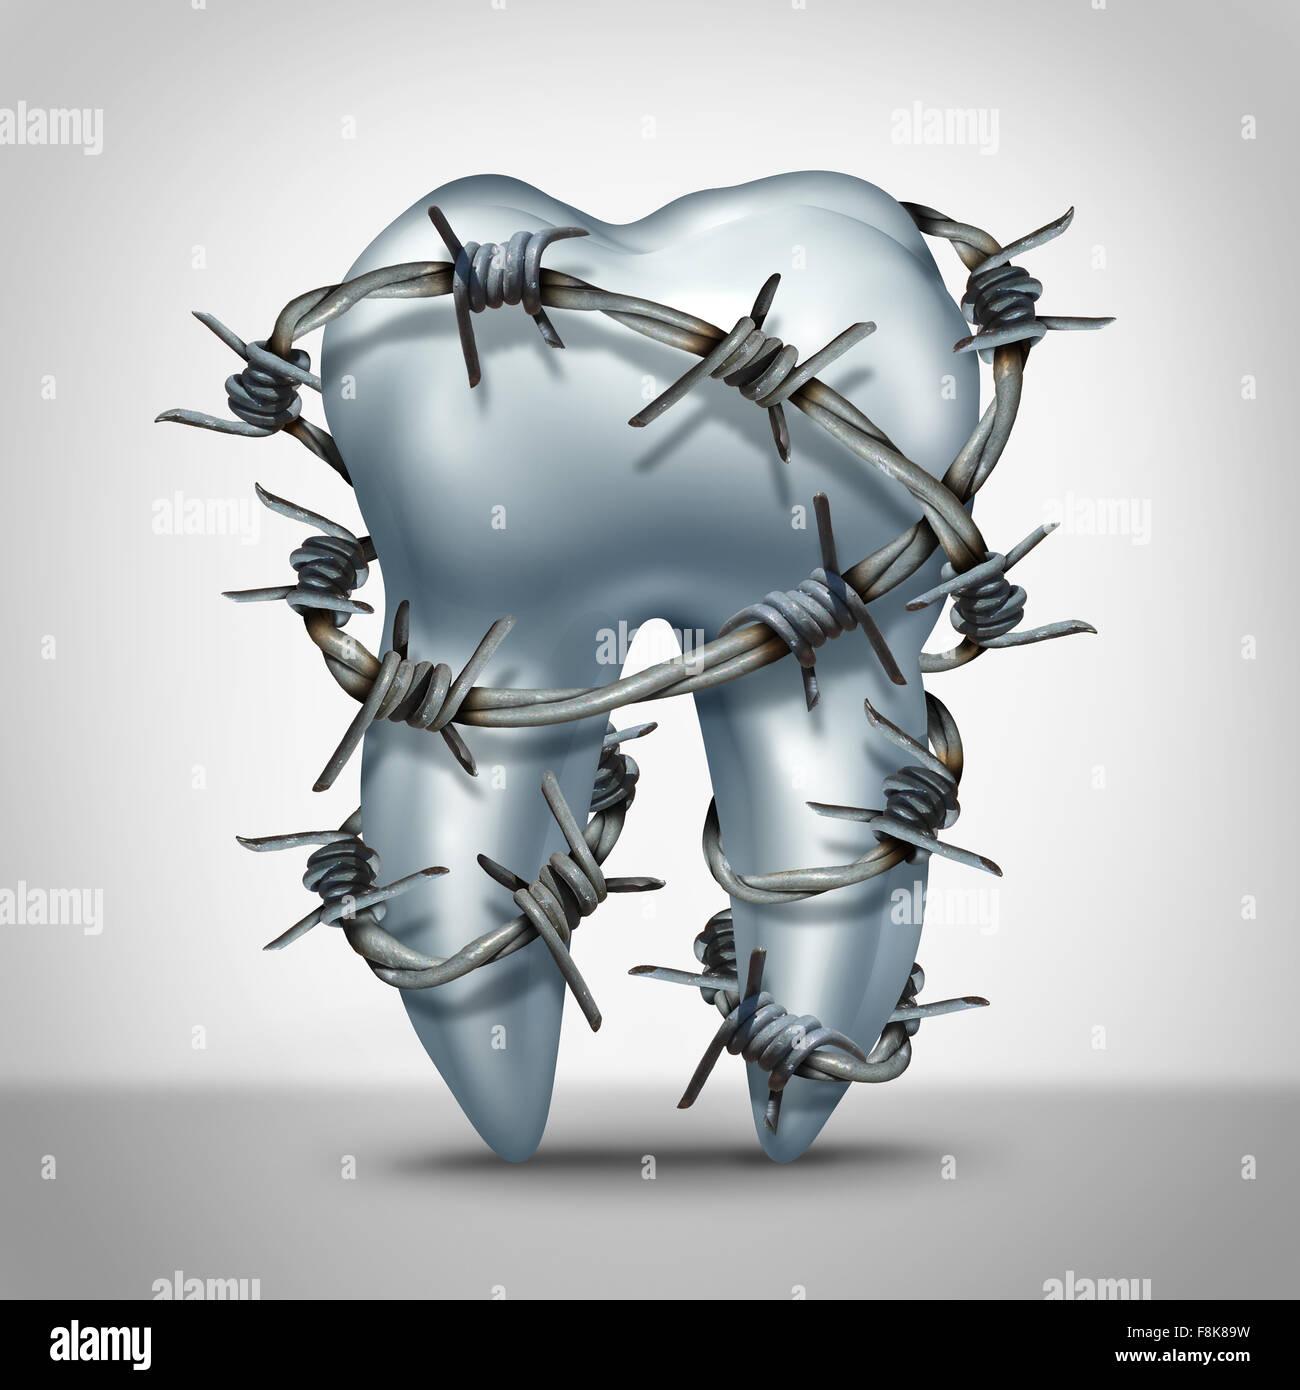 La douleur des dents dents dentaires concept comme un humain avec des symbole molaire barbelés comme métaphore Photo Stock